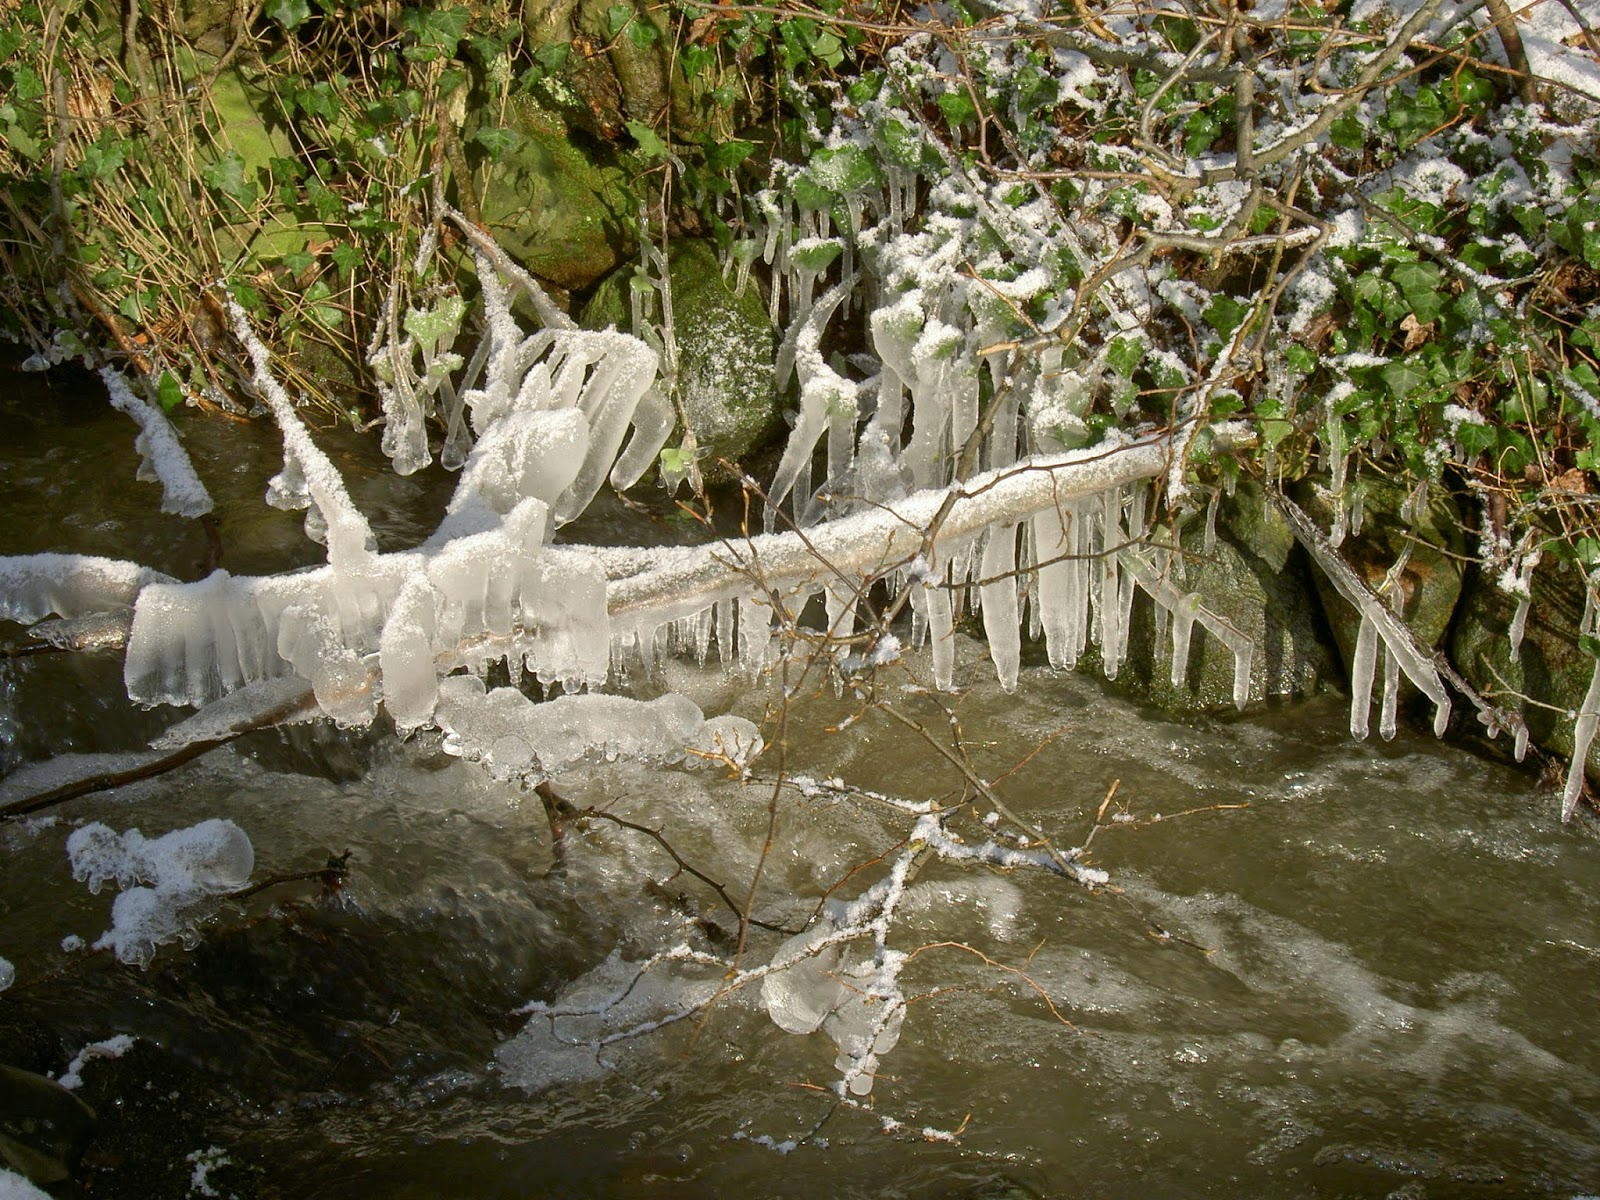 Bach im Winter: Äste, die in den Bach hängen, sind vereist.